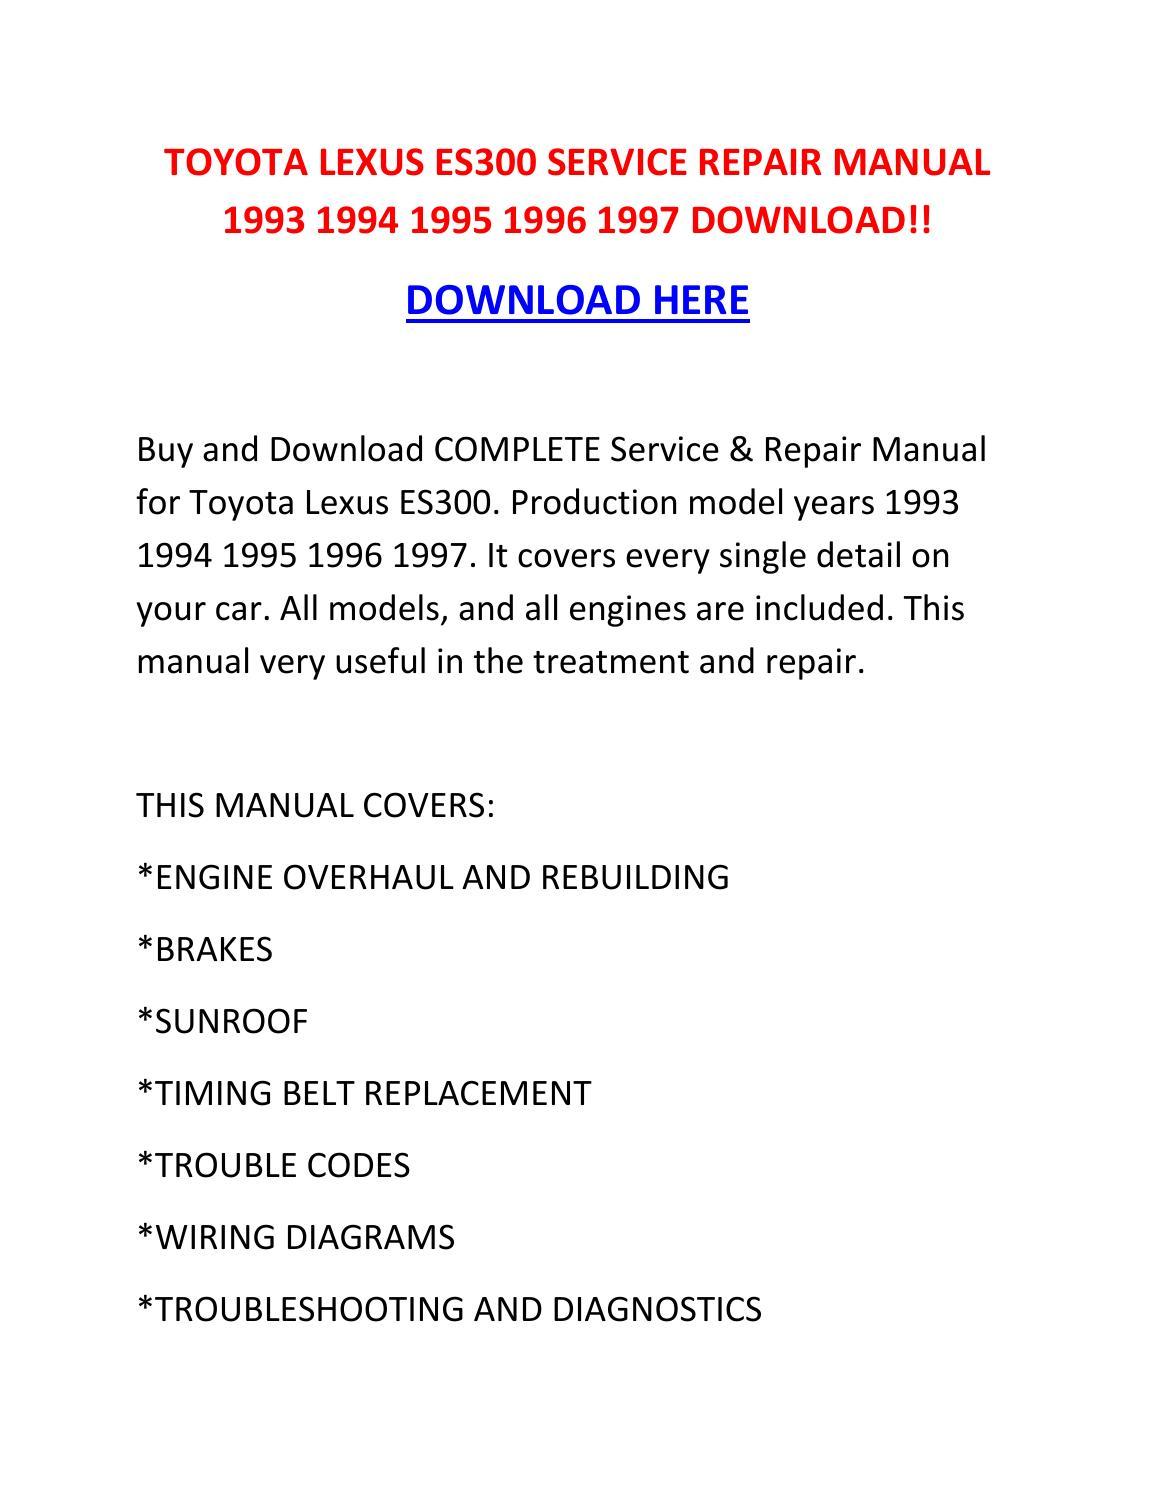 Toyota Lexus Es300 Service Repair Manual 1993 1994 1995 border=